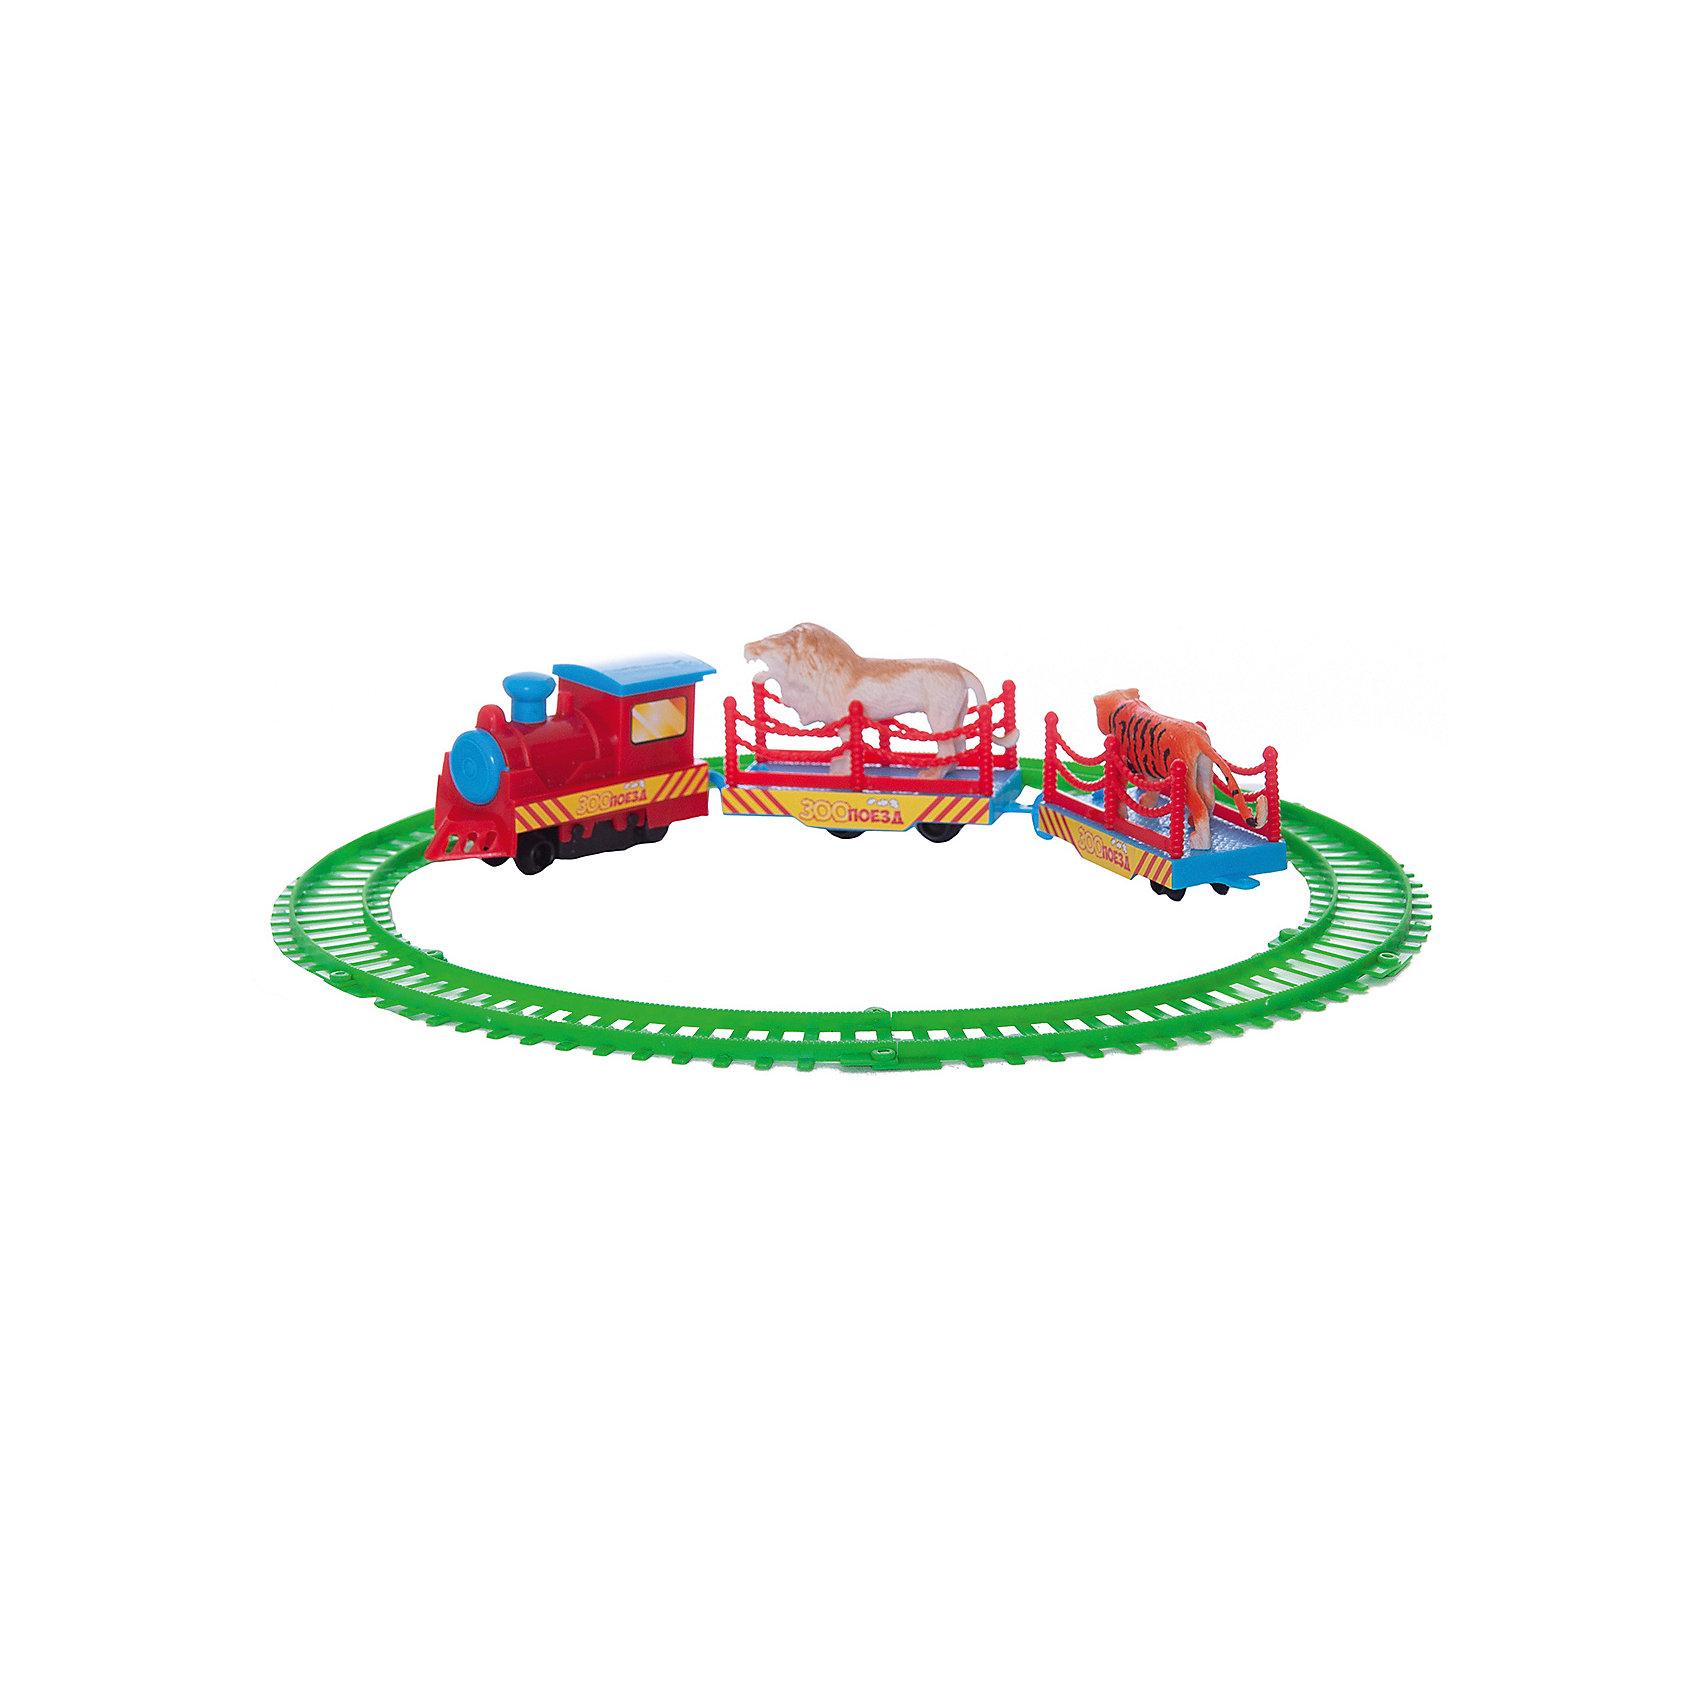 Железная дорога , 22,5*21*3,5см, Играем вместе